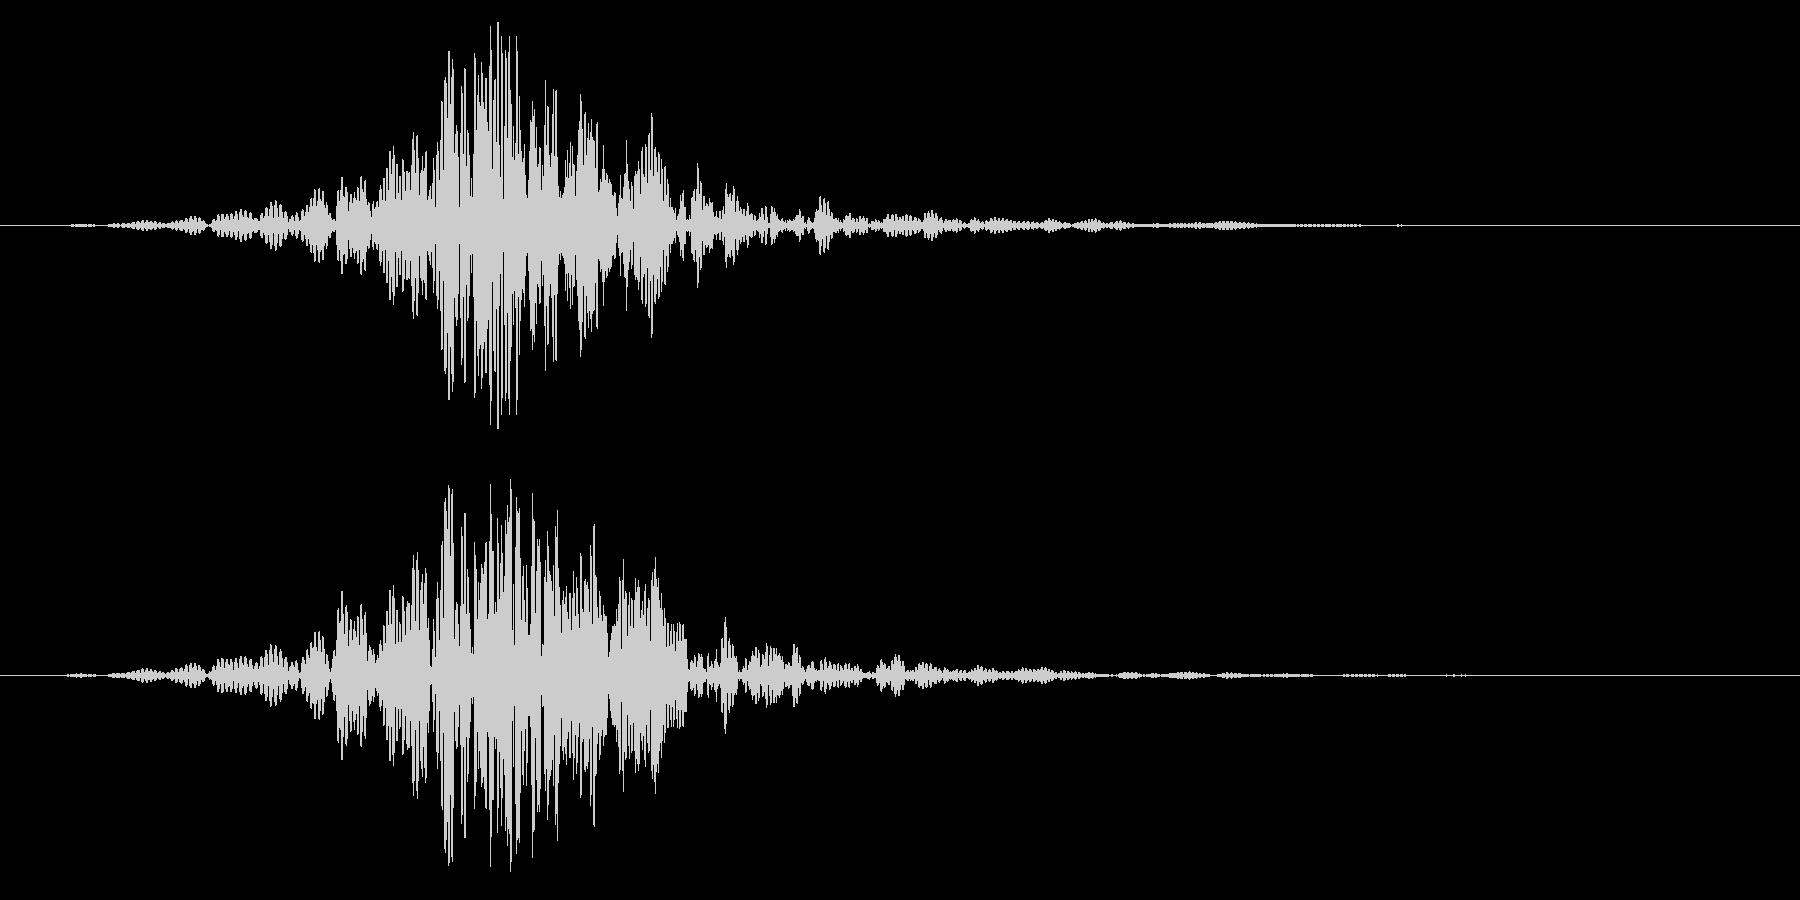 ヒュン(刀を振る/風切り音)空振りの未再生の波形